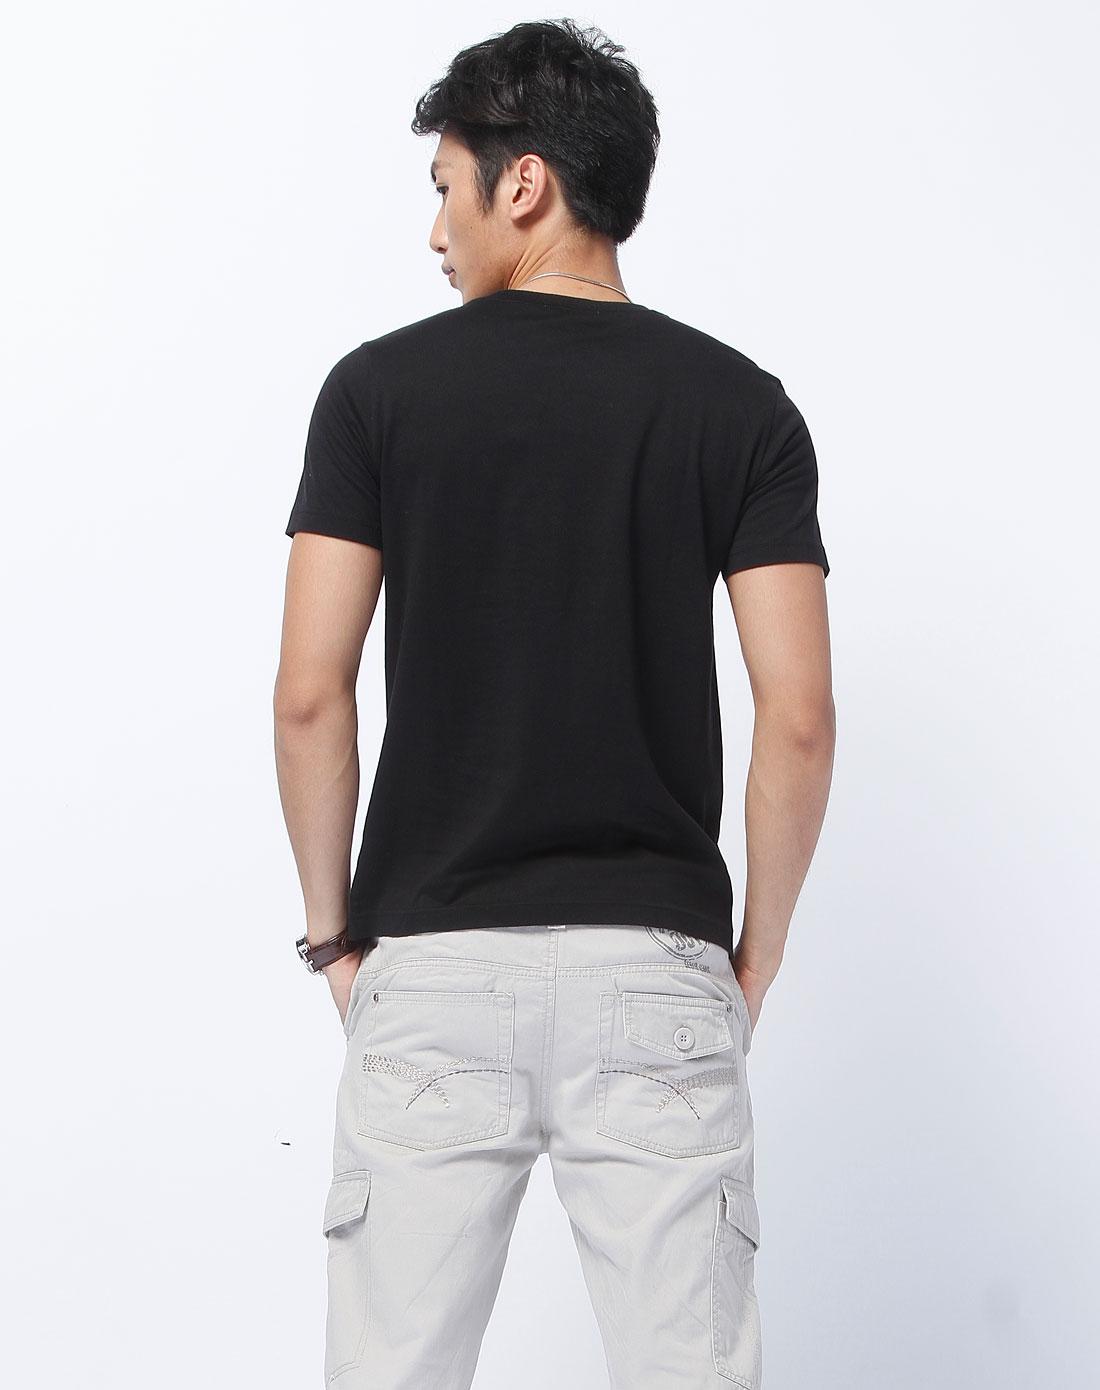 森马-男装黑色烫字短袖t恤002141026-900图片